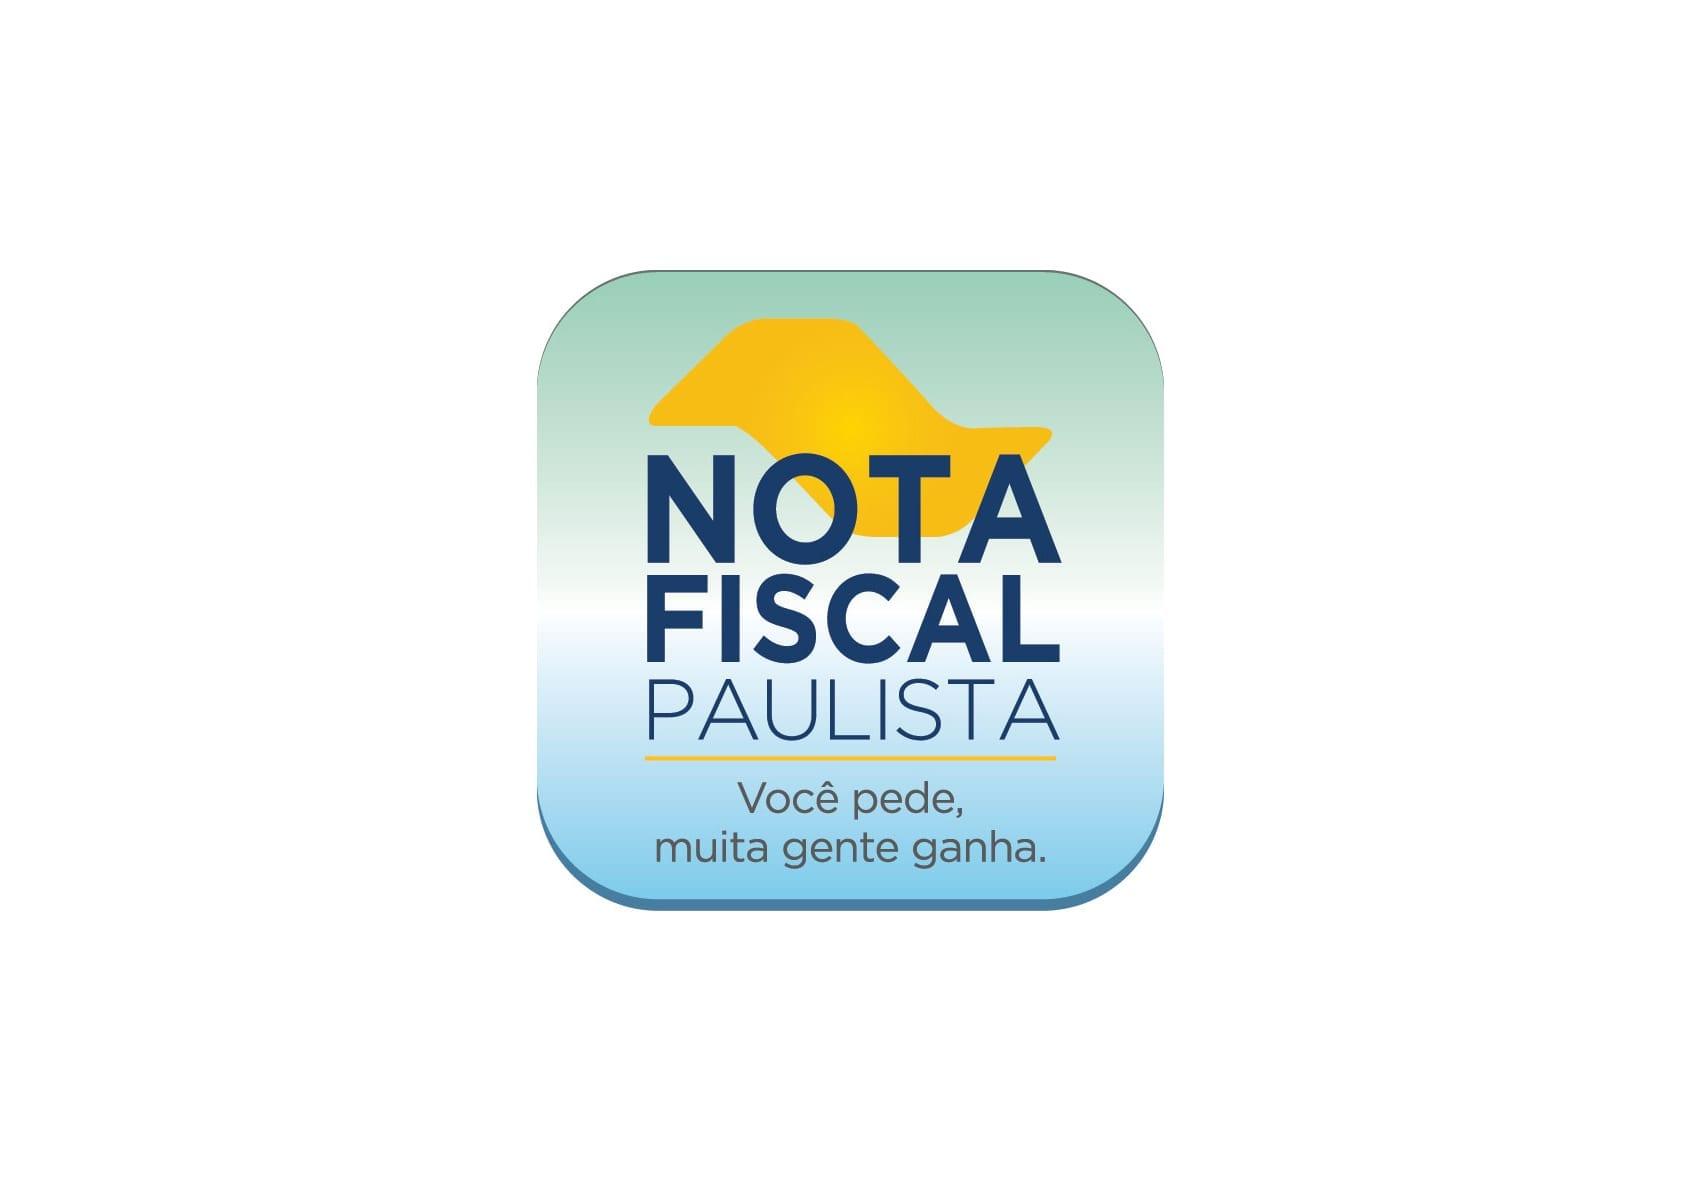 Consulta Nota Fiscal Paulista: Verifique Seu Saldo